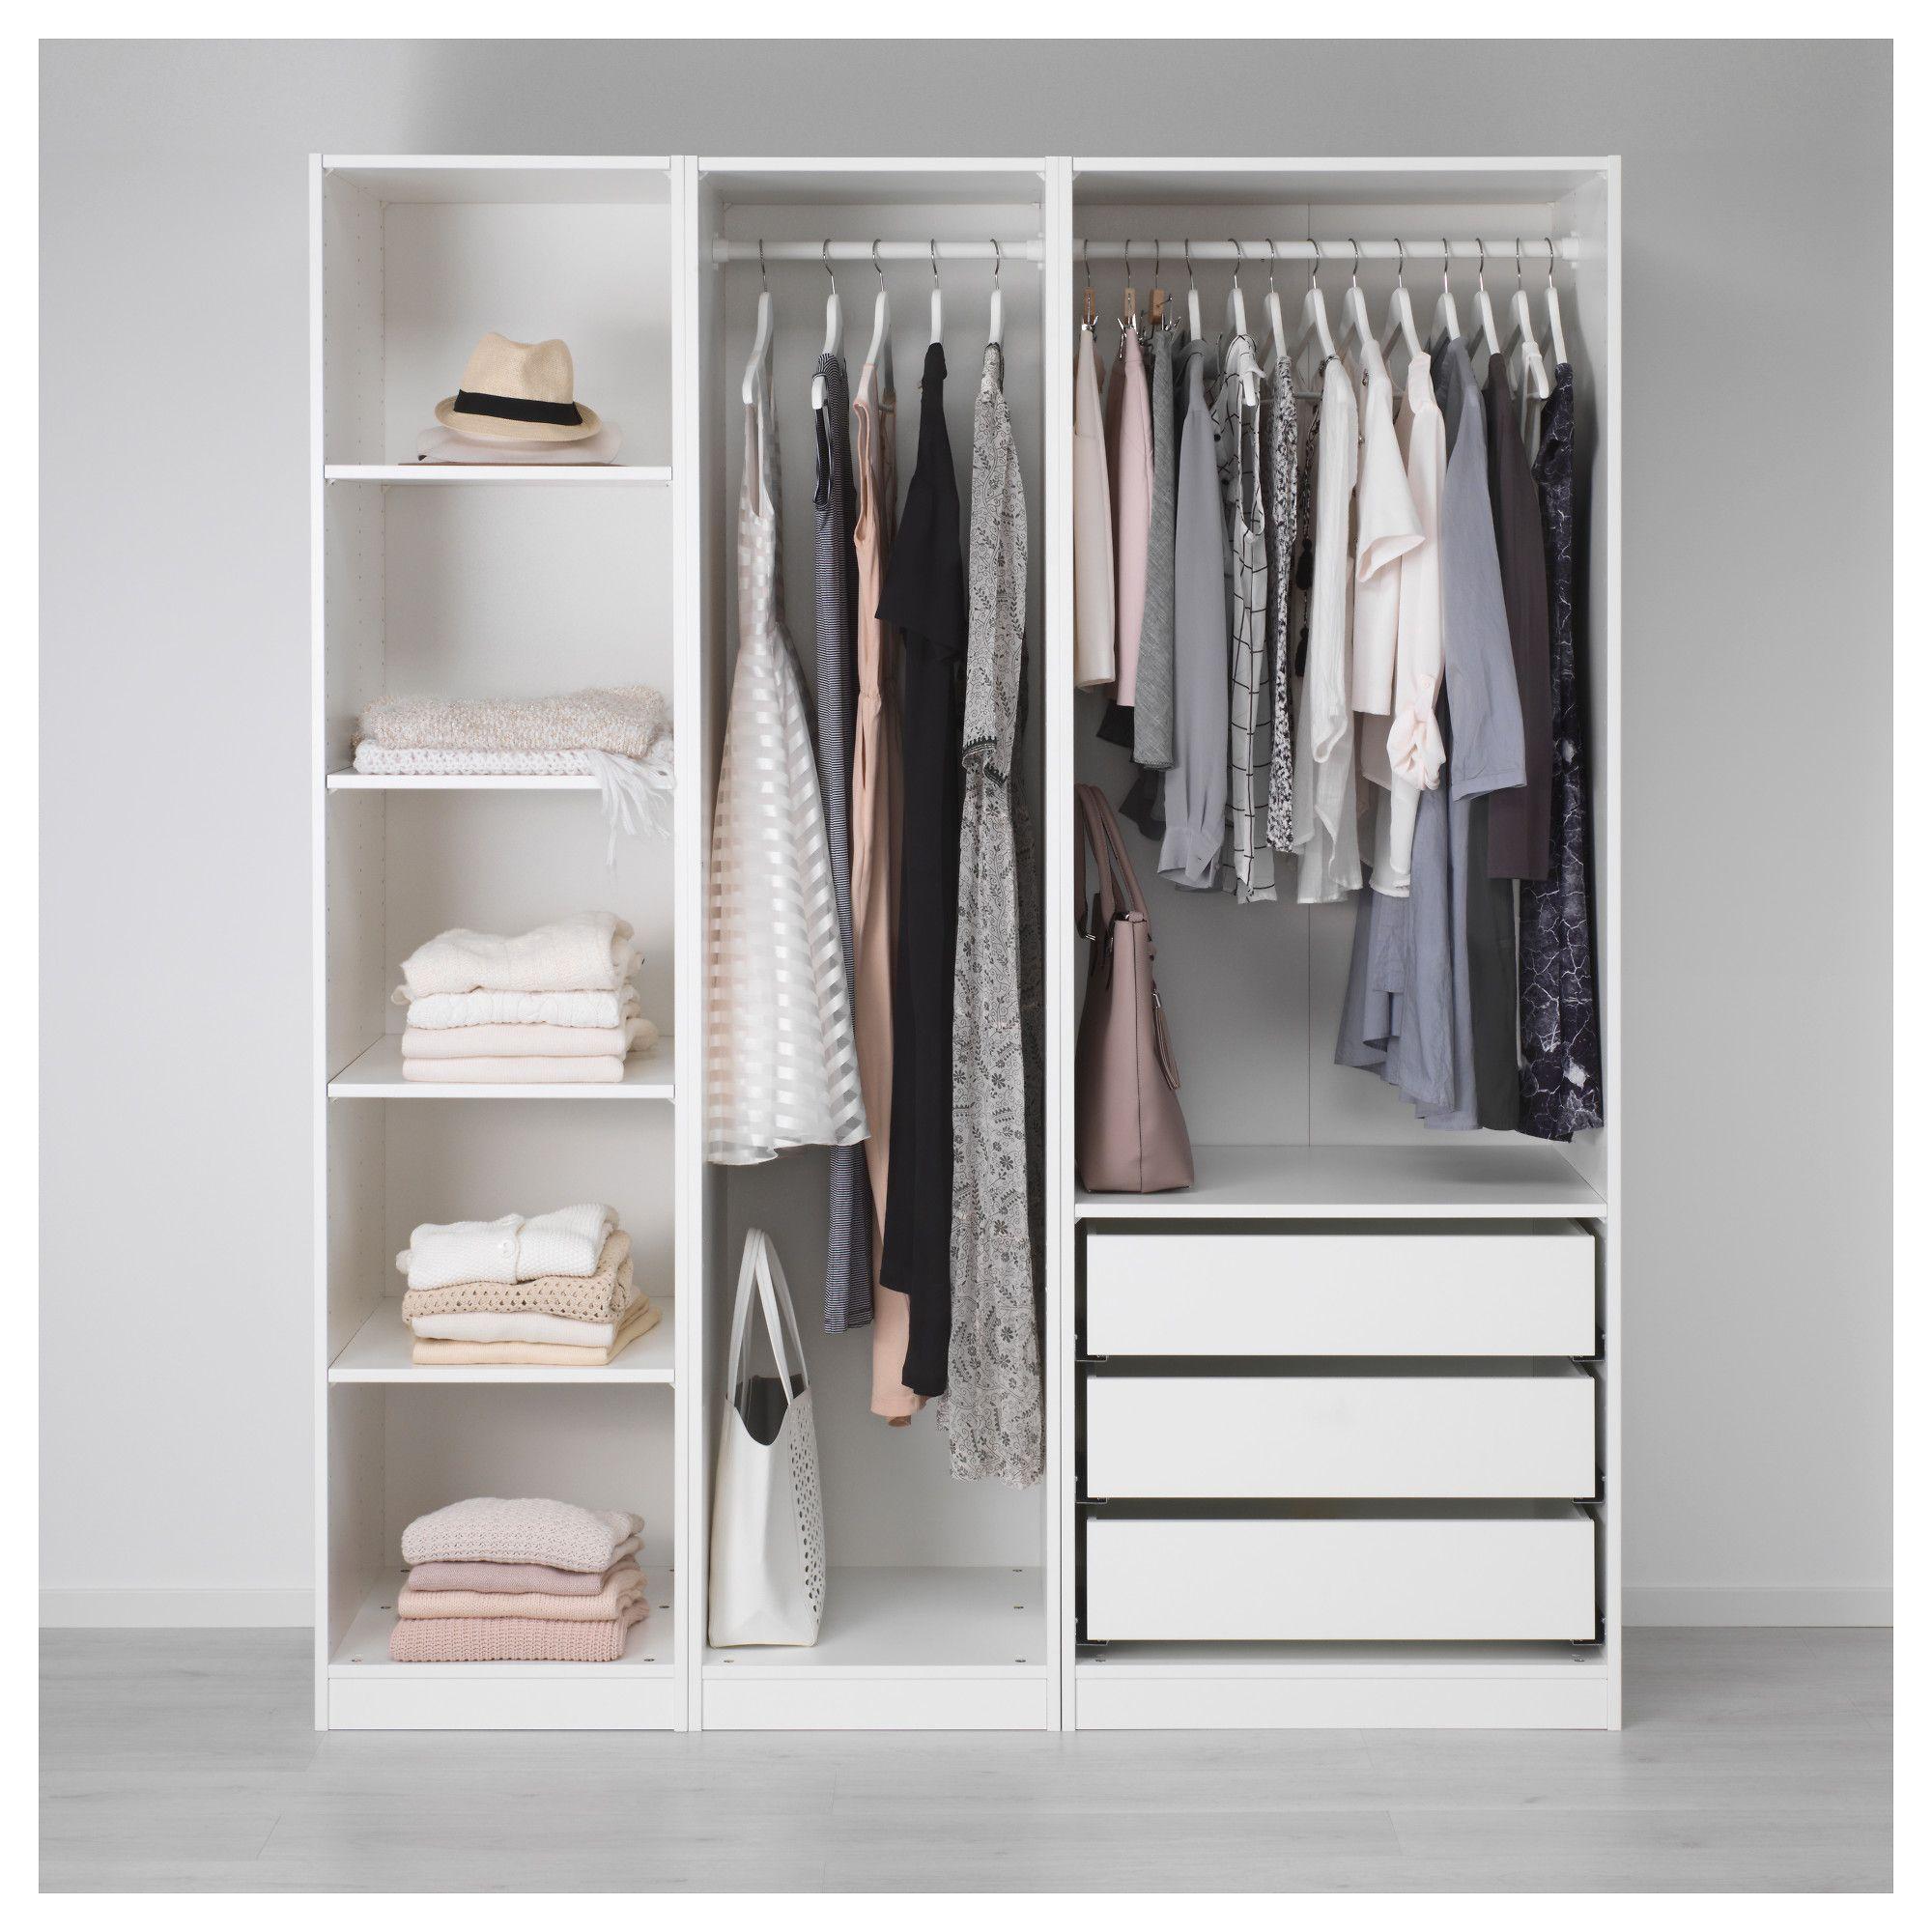 Pax Wardrobe White 68 7 8x22 7 8x79 1 4 Ikea Kleiderschrank Ohne Turen Offener Kleiderschrank Ikea Offener Kleiderschrank